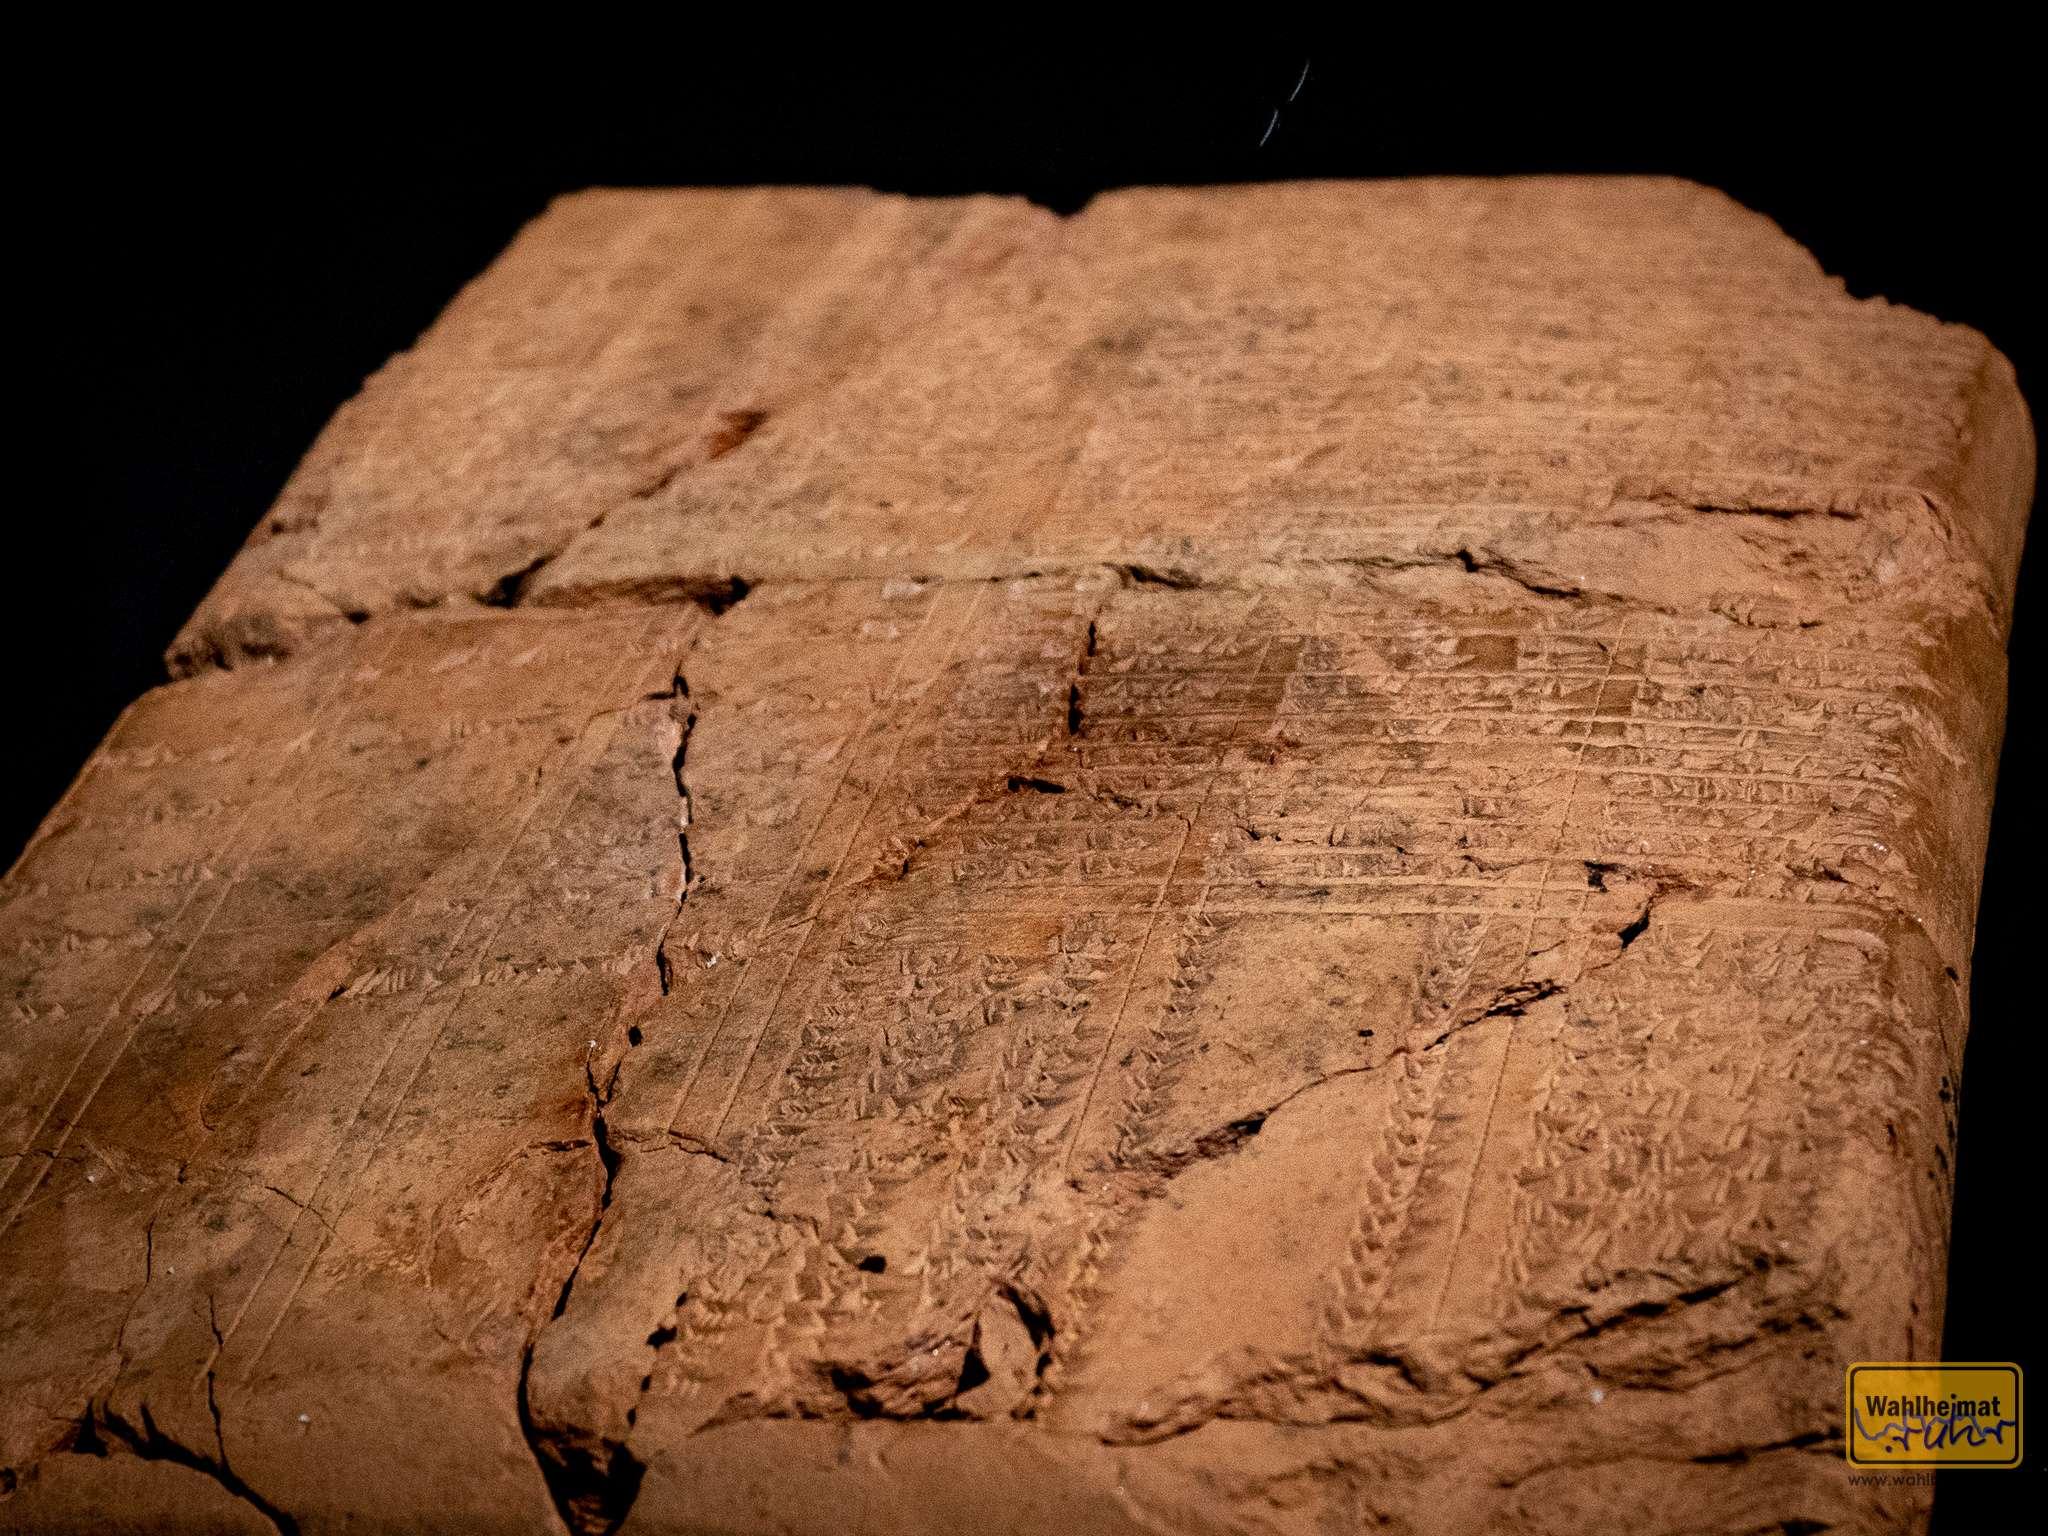 ...dokumentierte Belege auf allerlei Material. Ist das Keilschrift?